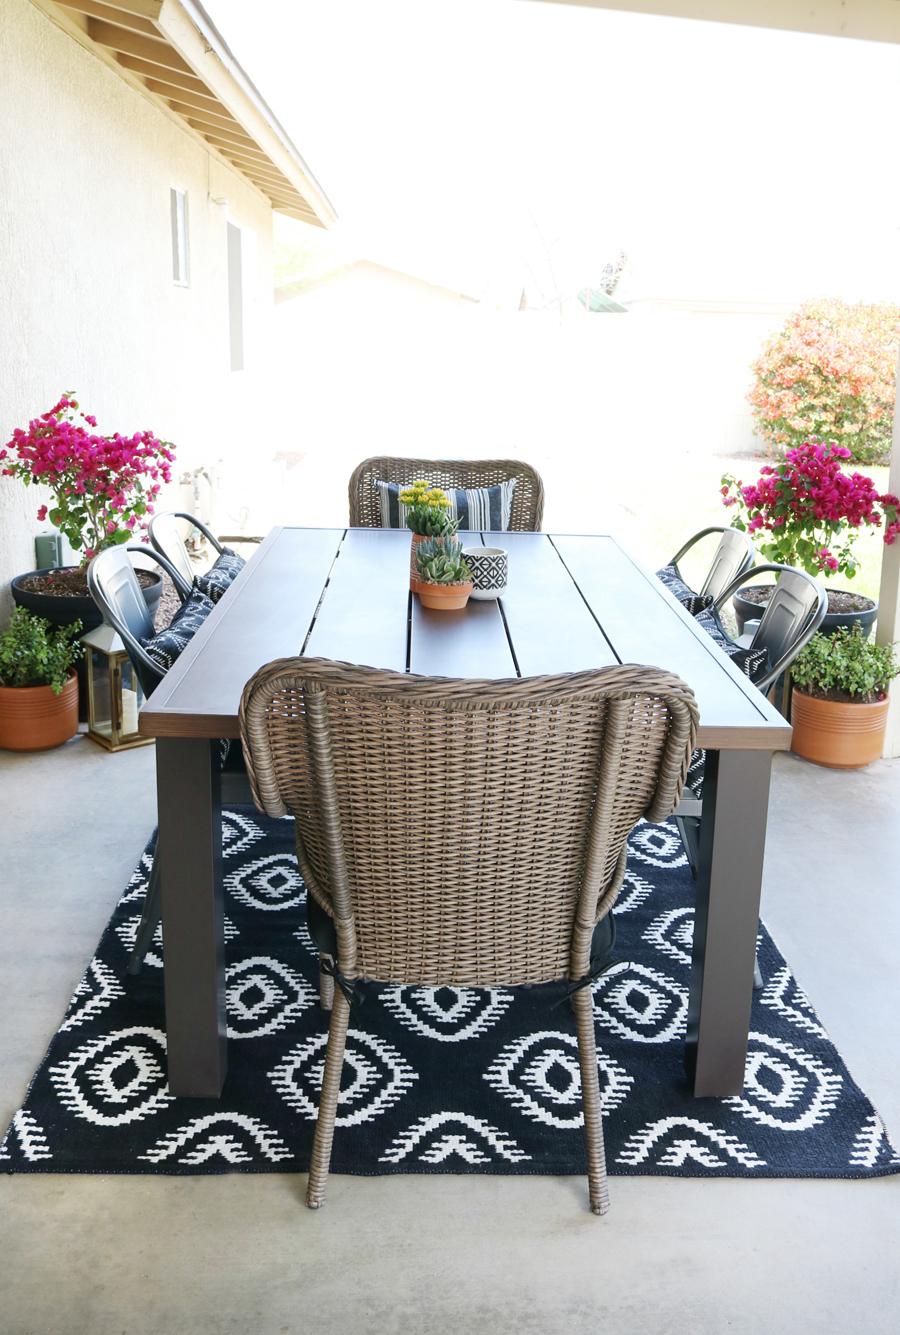 Black & White Modern Farmhouse Patio Decor